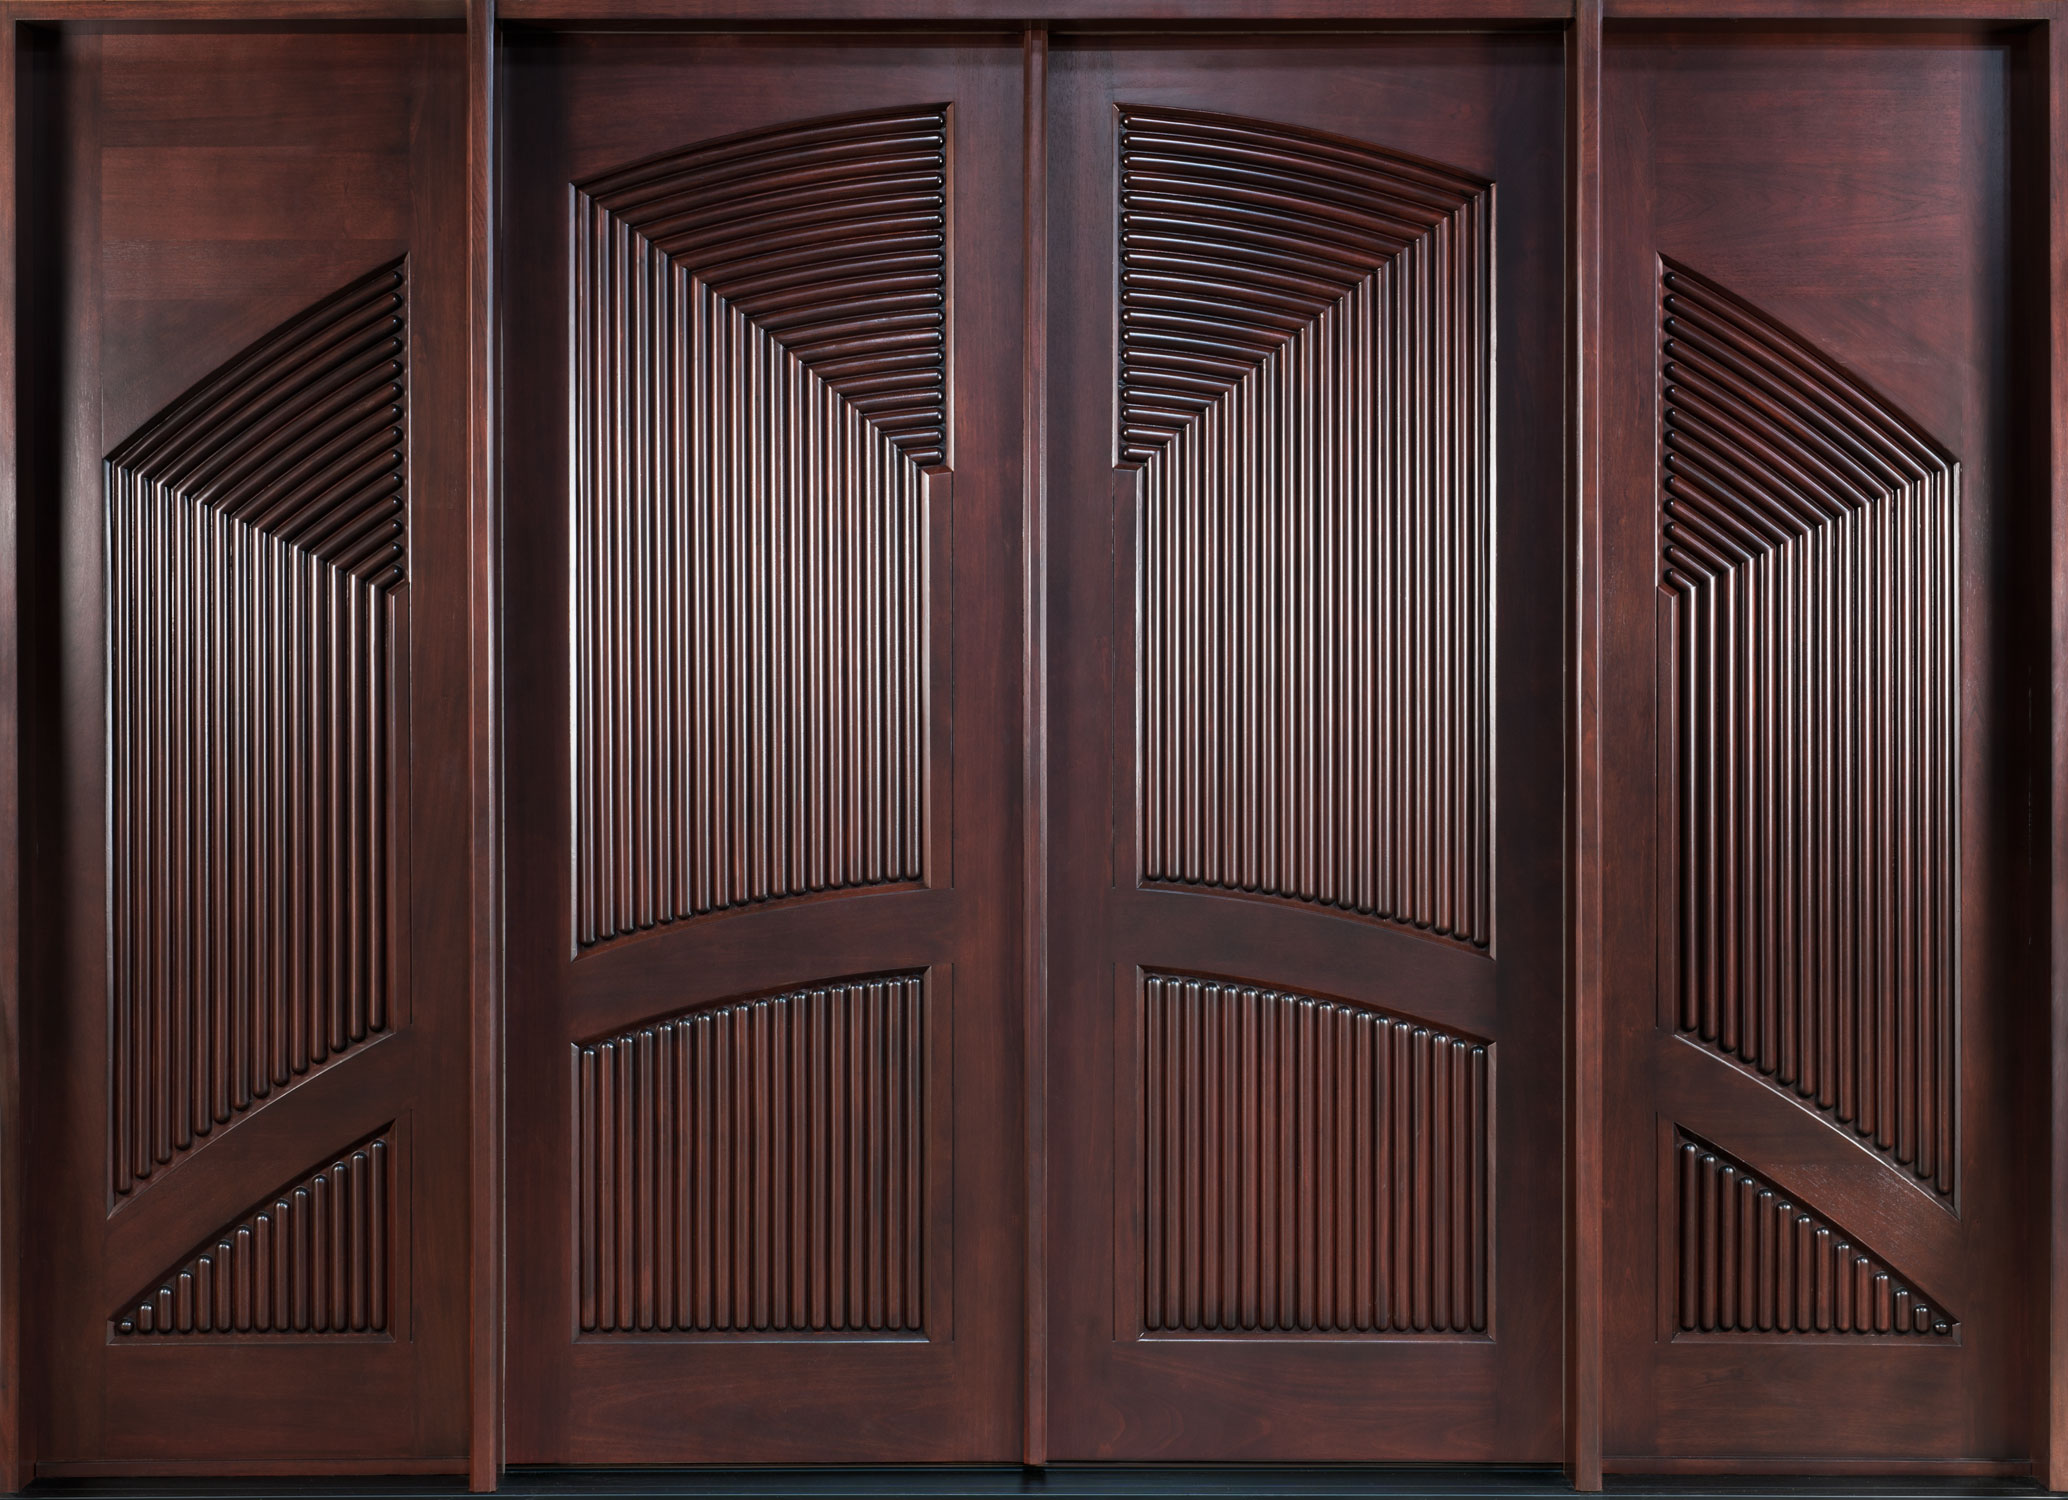 Mazhar El-Zein Carpentry